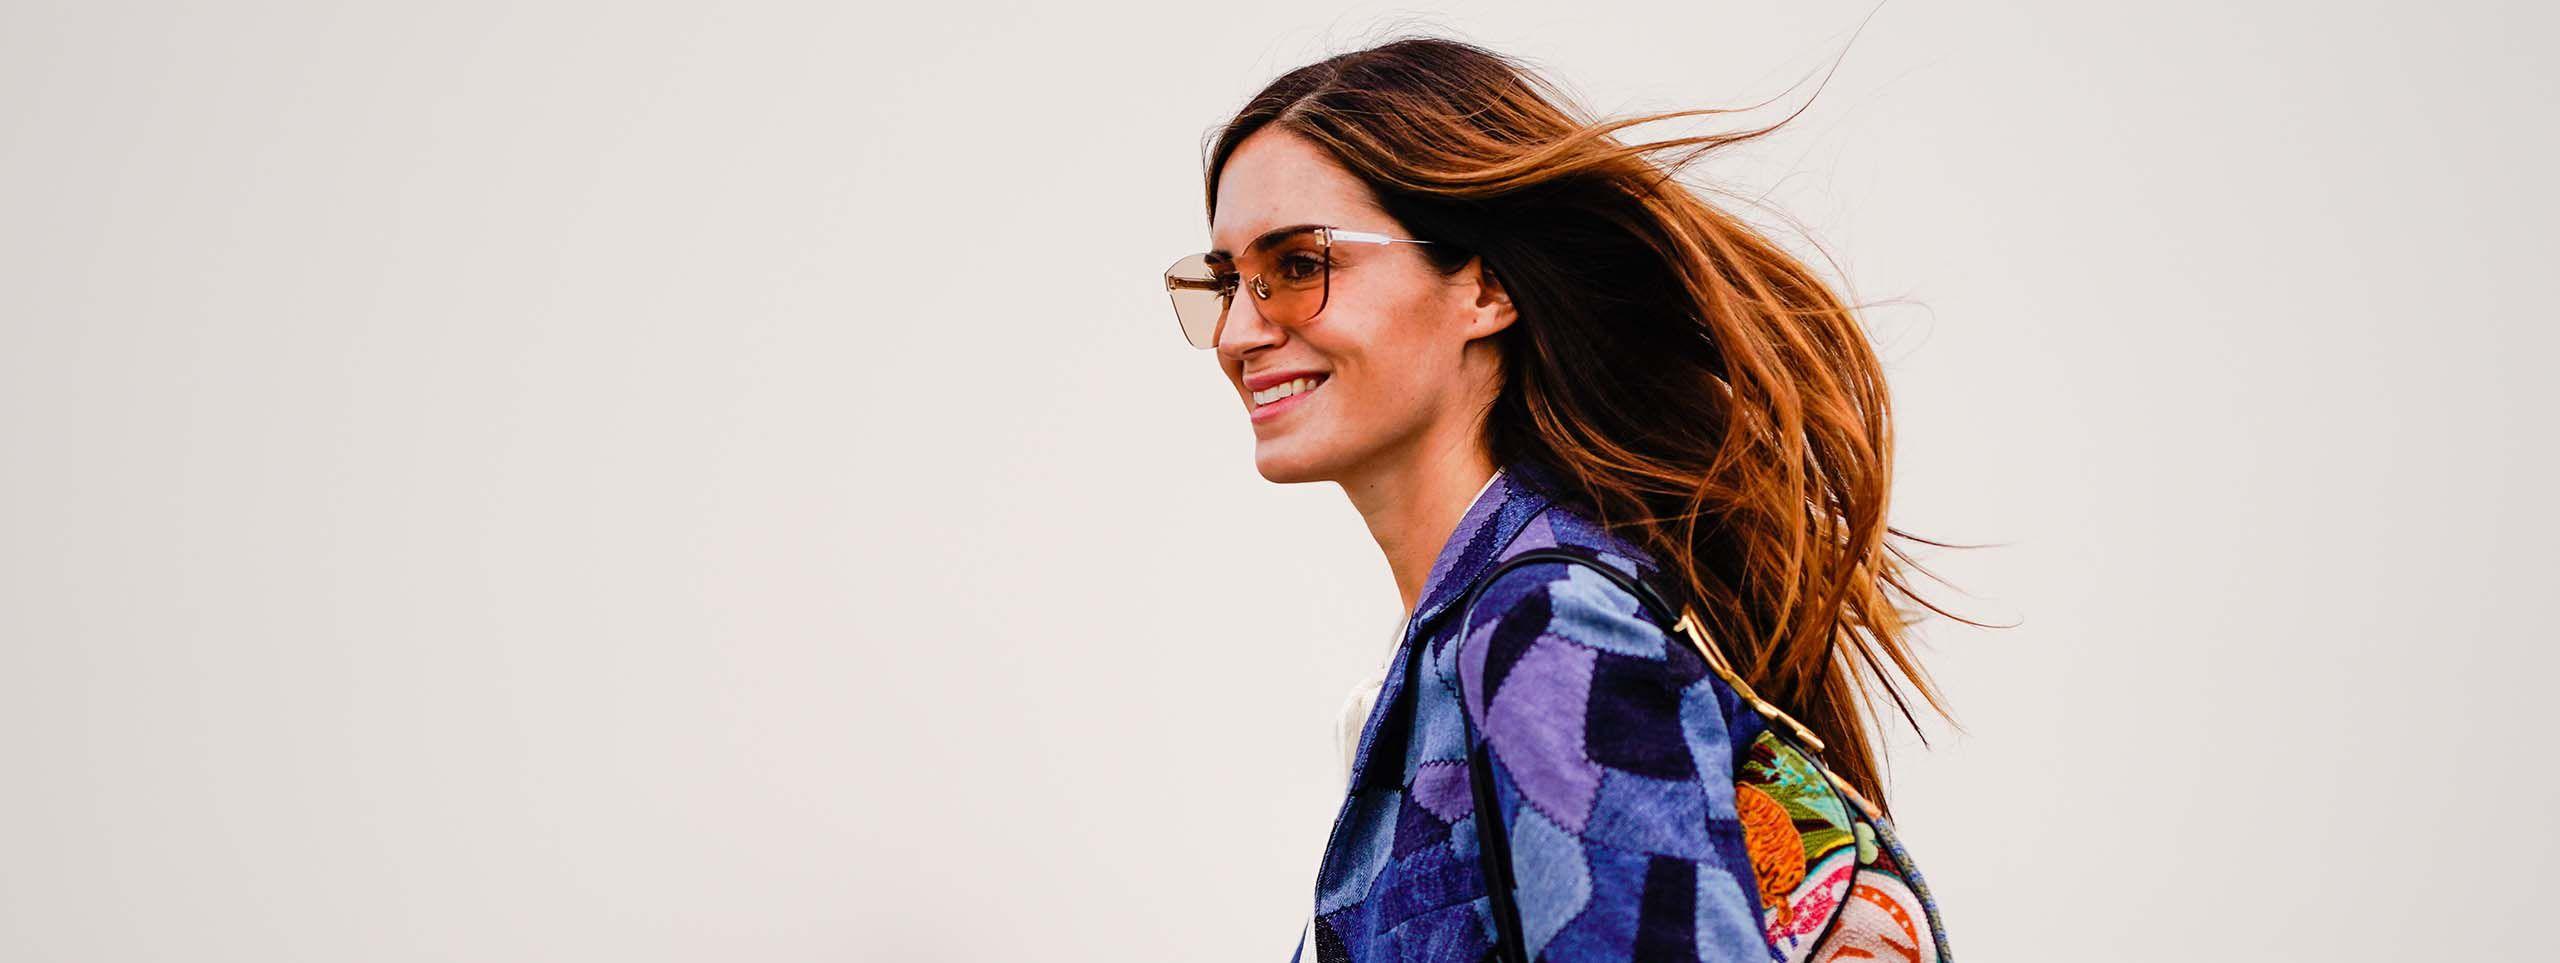 Žena s kaligrafski ošišanom kosom i sunčanim naočalama